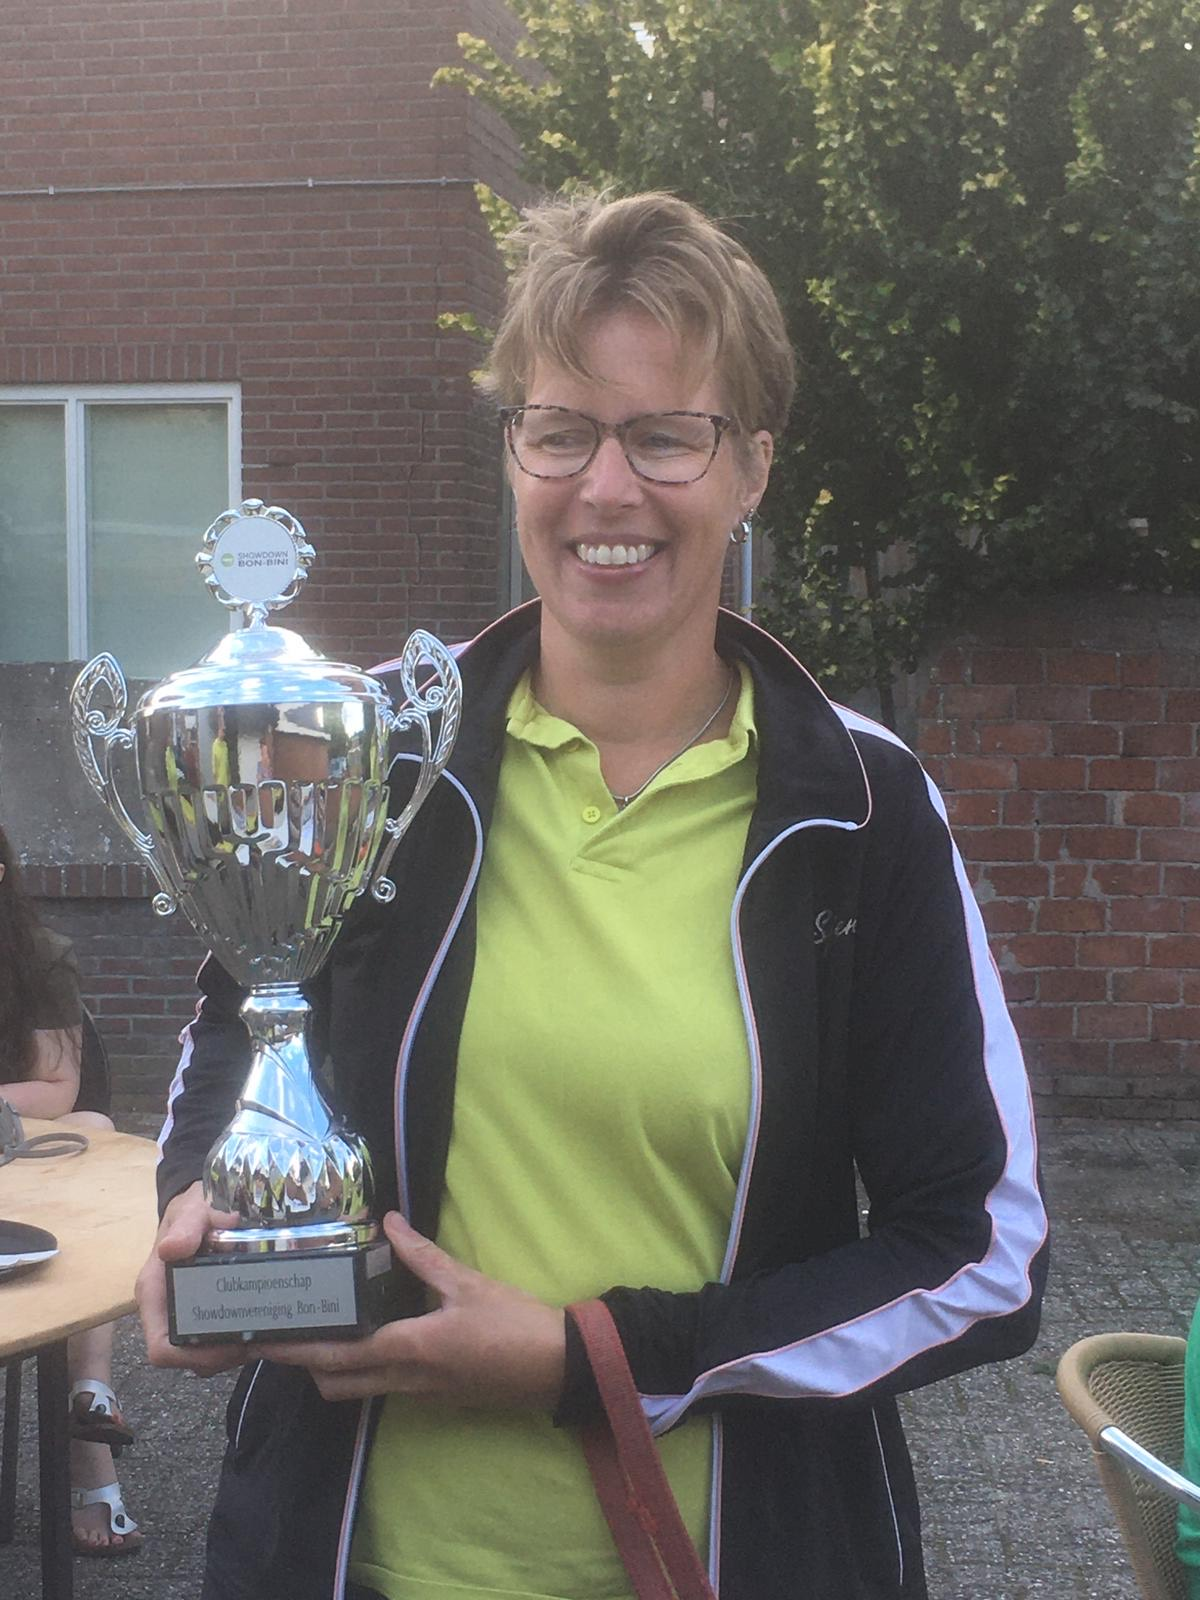 Trotse clubkampioen Ingrid met de grote beker.